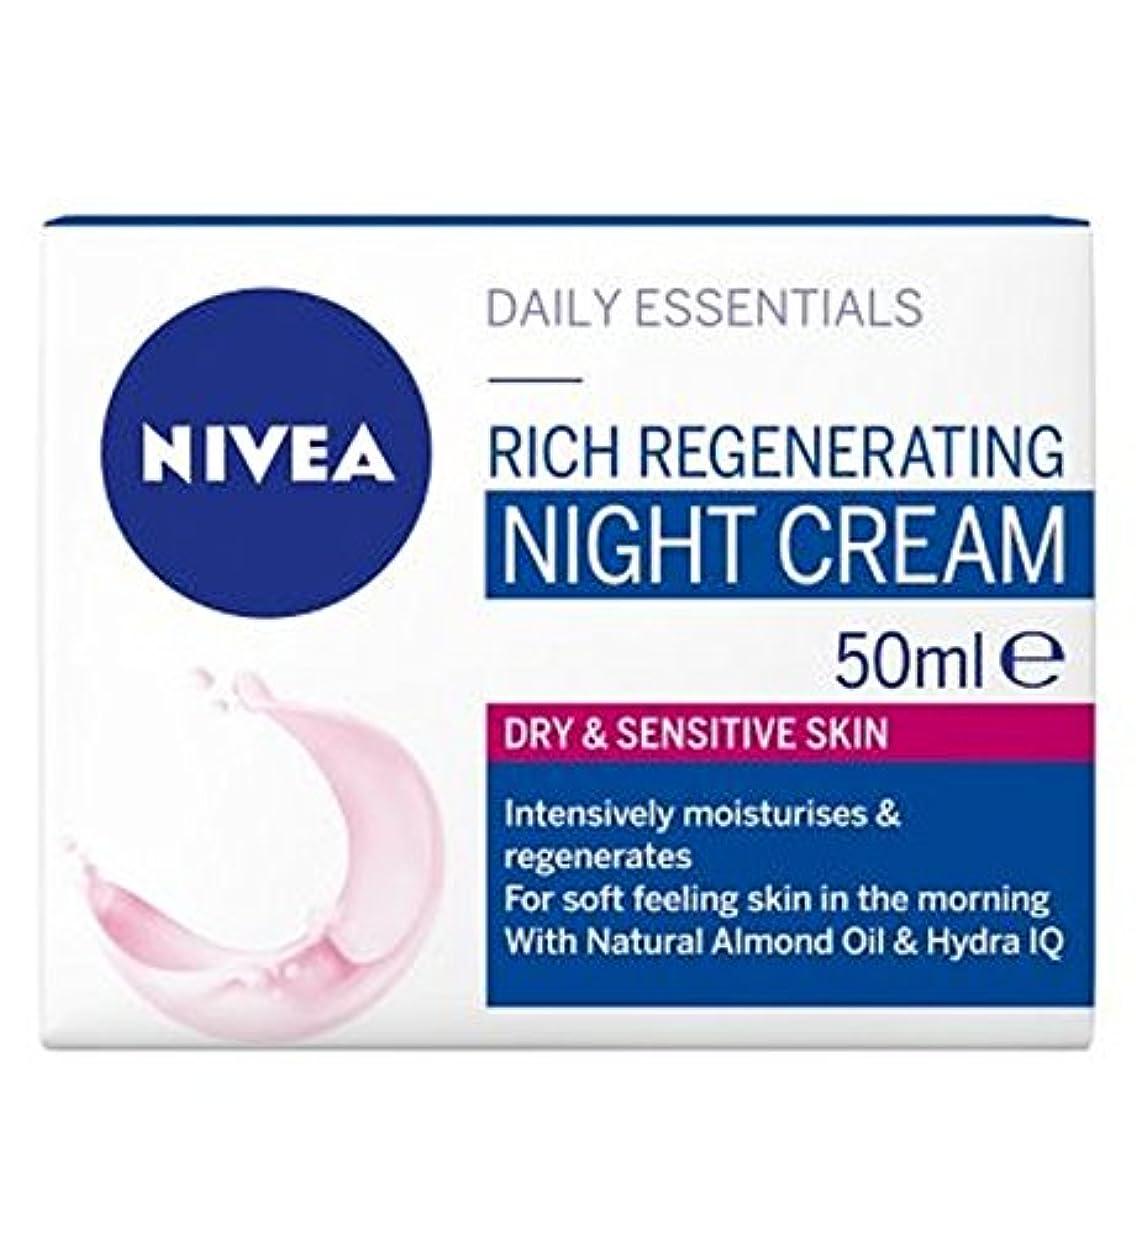 口径完全に乾くトラップニベア生活必需品の豊富な再生ナイトクリーム50ミリリットル (Nivea) (x2) - Nivea Daily Essentials Rich Regenerating Night Cream 50ml (Pack of 2) [並行輸入品]